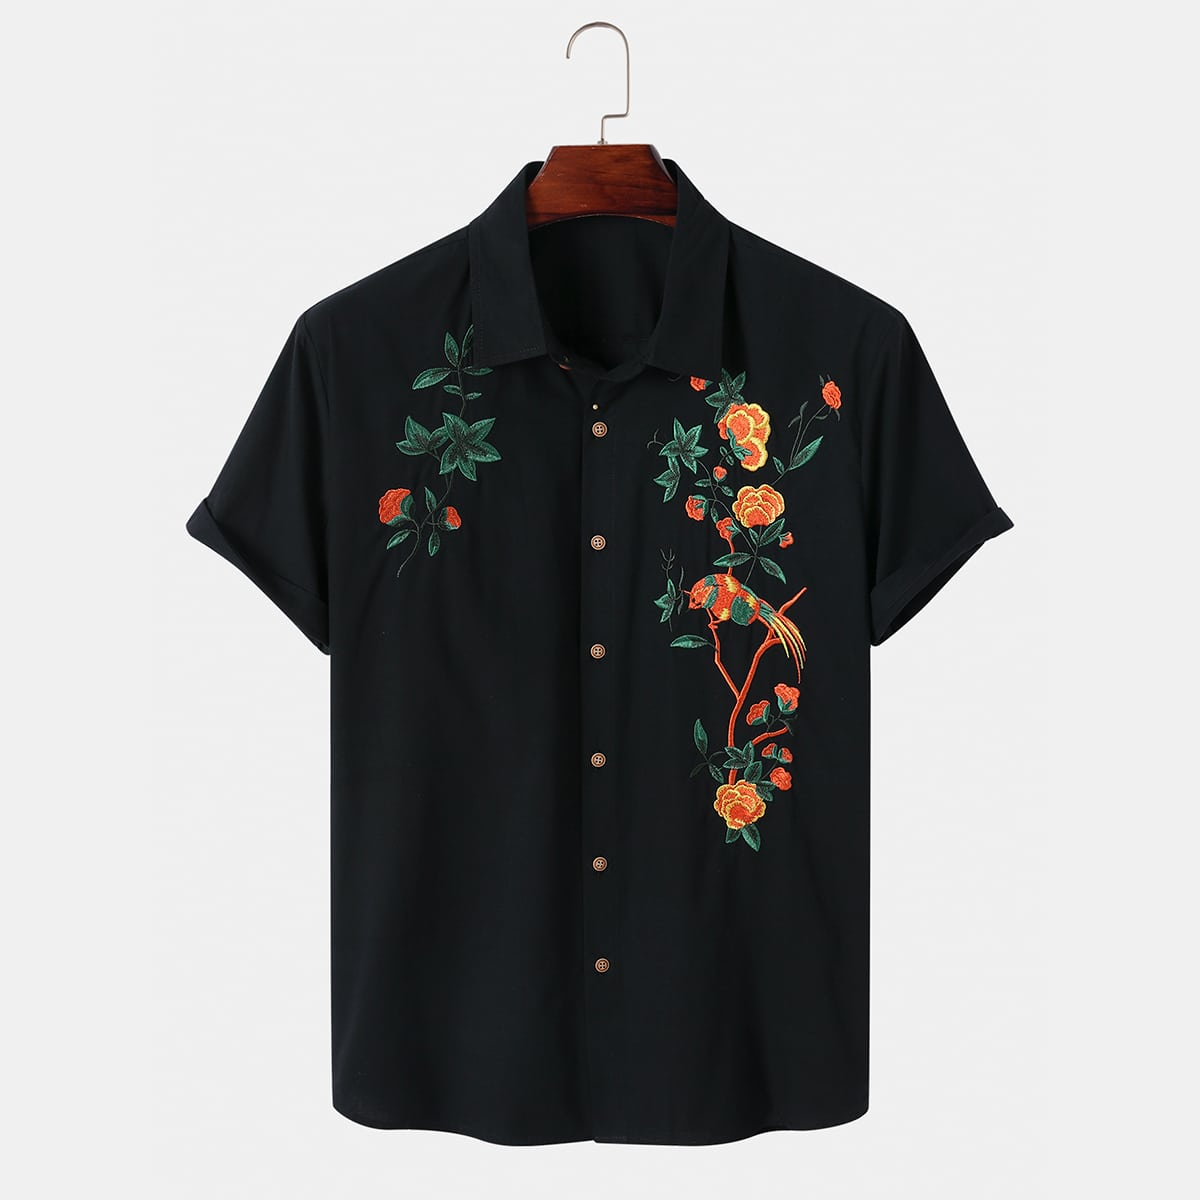 Мужская рубашка на пуговицах с цветочной вышивкой